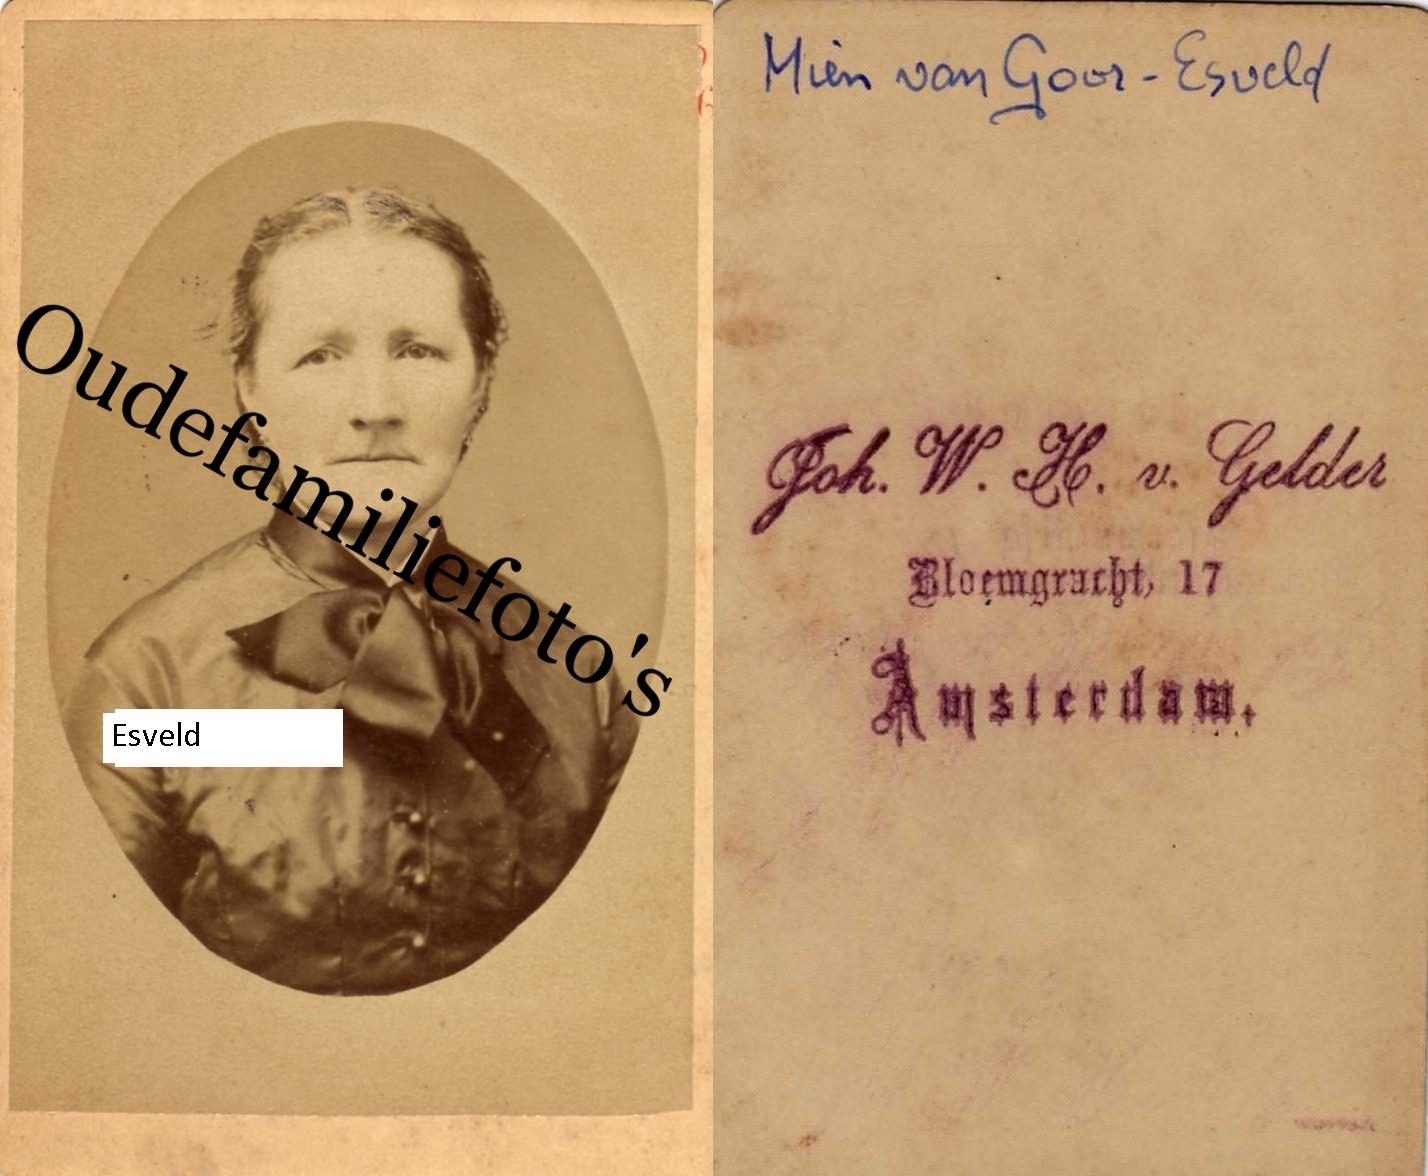 Esveld van, Hermina. Geb. 12-5-1833 Amersfoort Ovl. 27-12-1907 Amersfoort Getrouwd met G.W. van Goor € 3,00